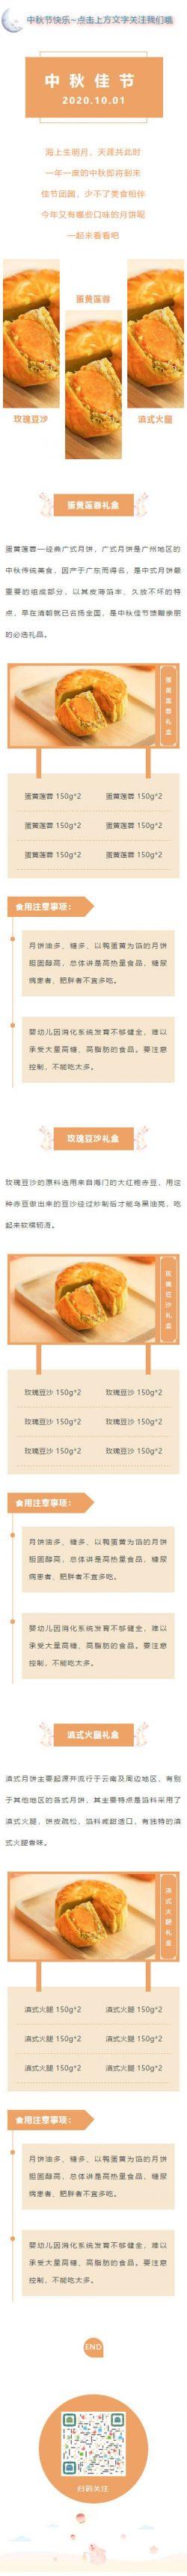 中秋节月饼广式月饼微信公众号服务号推送图文模板推文素材文章